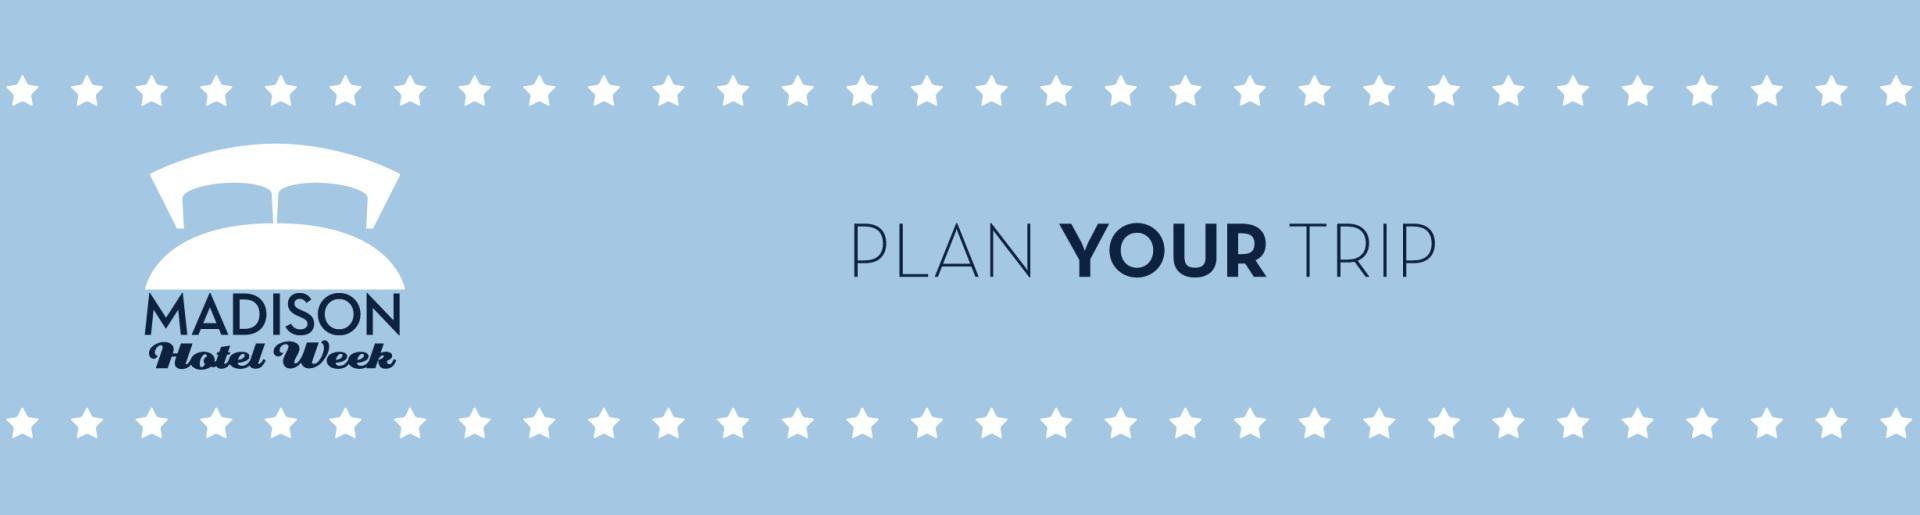 Madison Hotel Week 2017 Plan